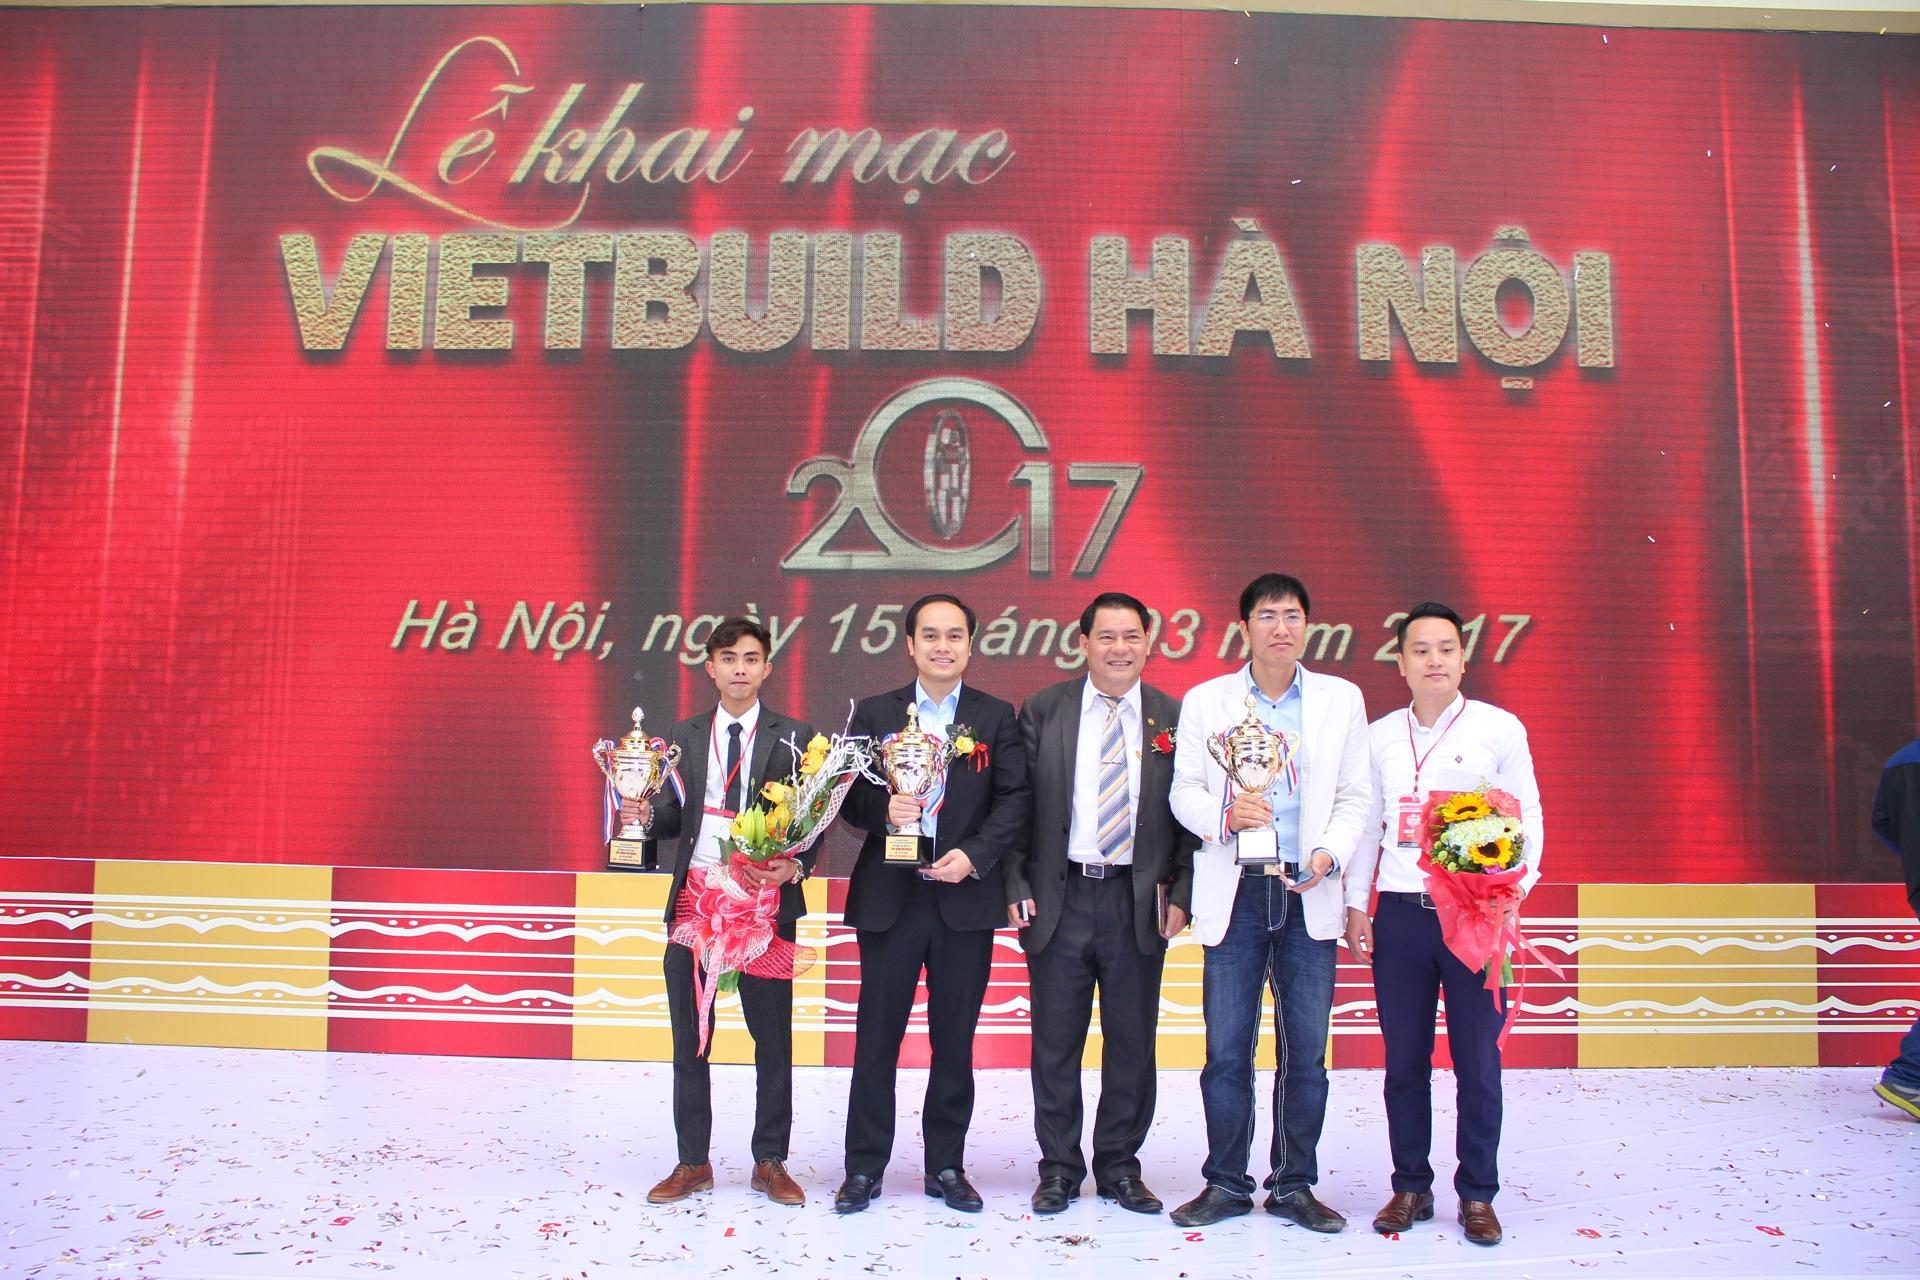 Ông Phạm Văn Tuấn – Đại diện Nhà máy Nhôm Đô Thành nhận Cup tại triển lãm.